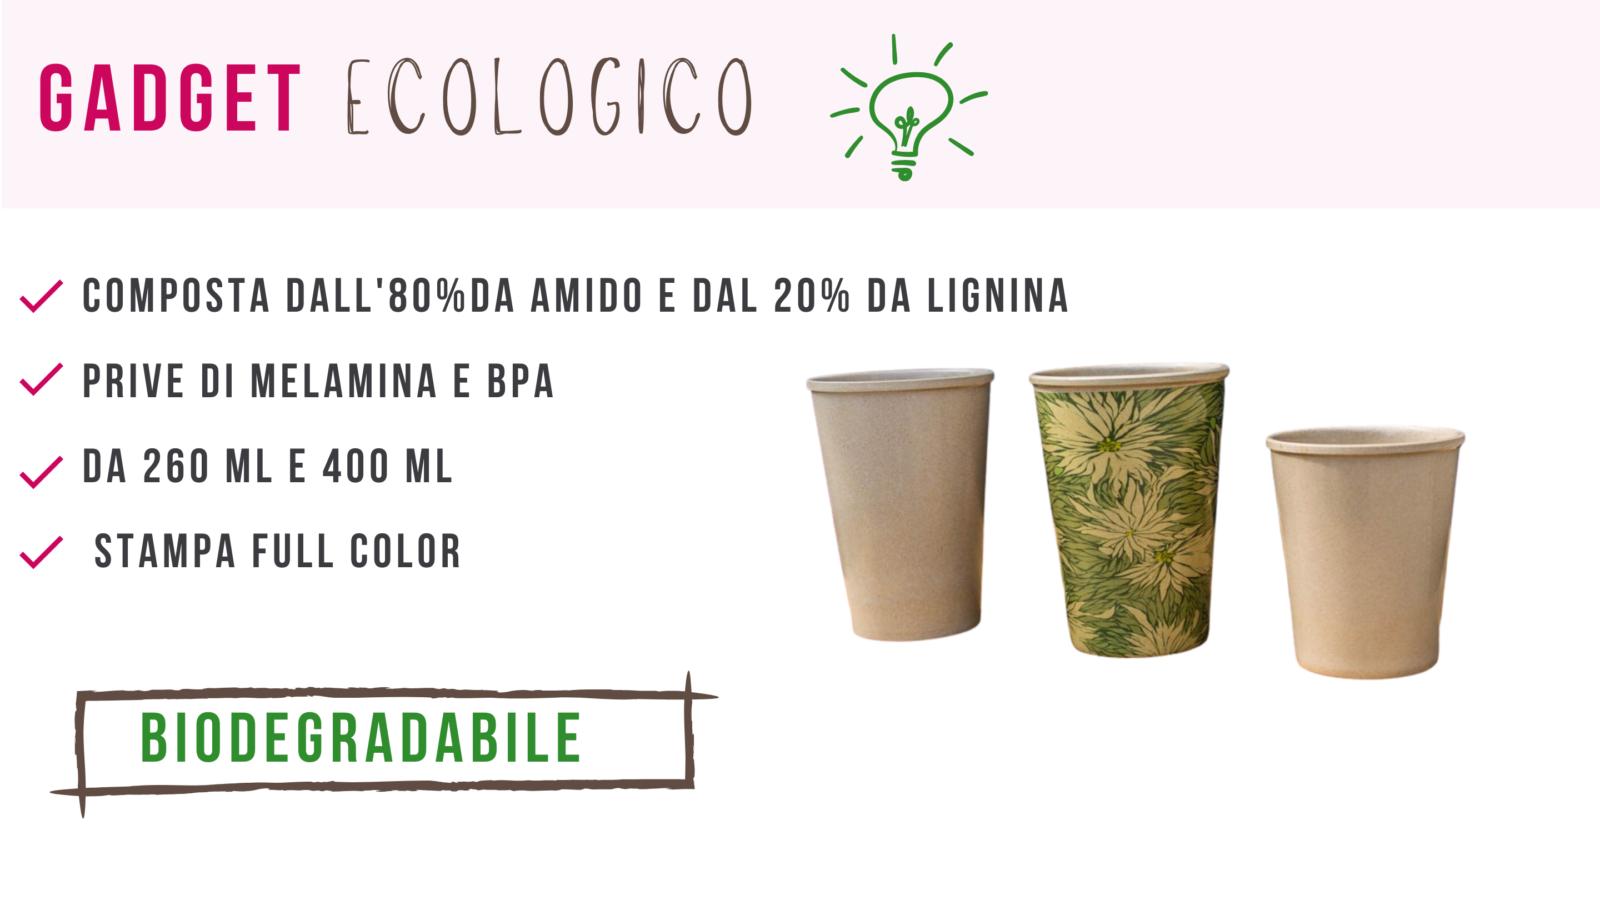 Gadget biodegradabili e compostabili